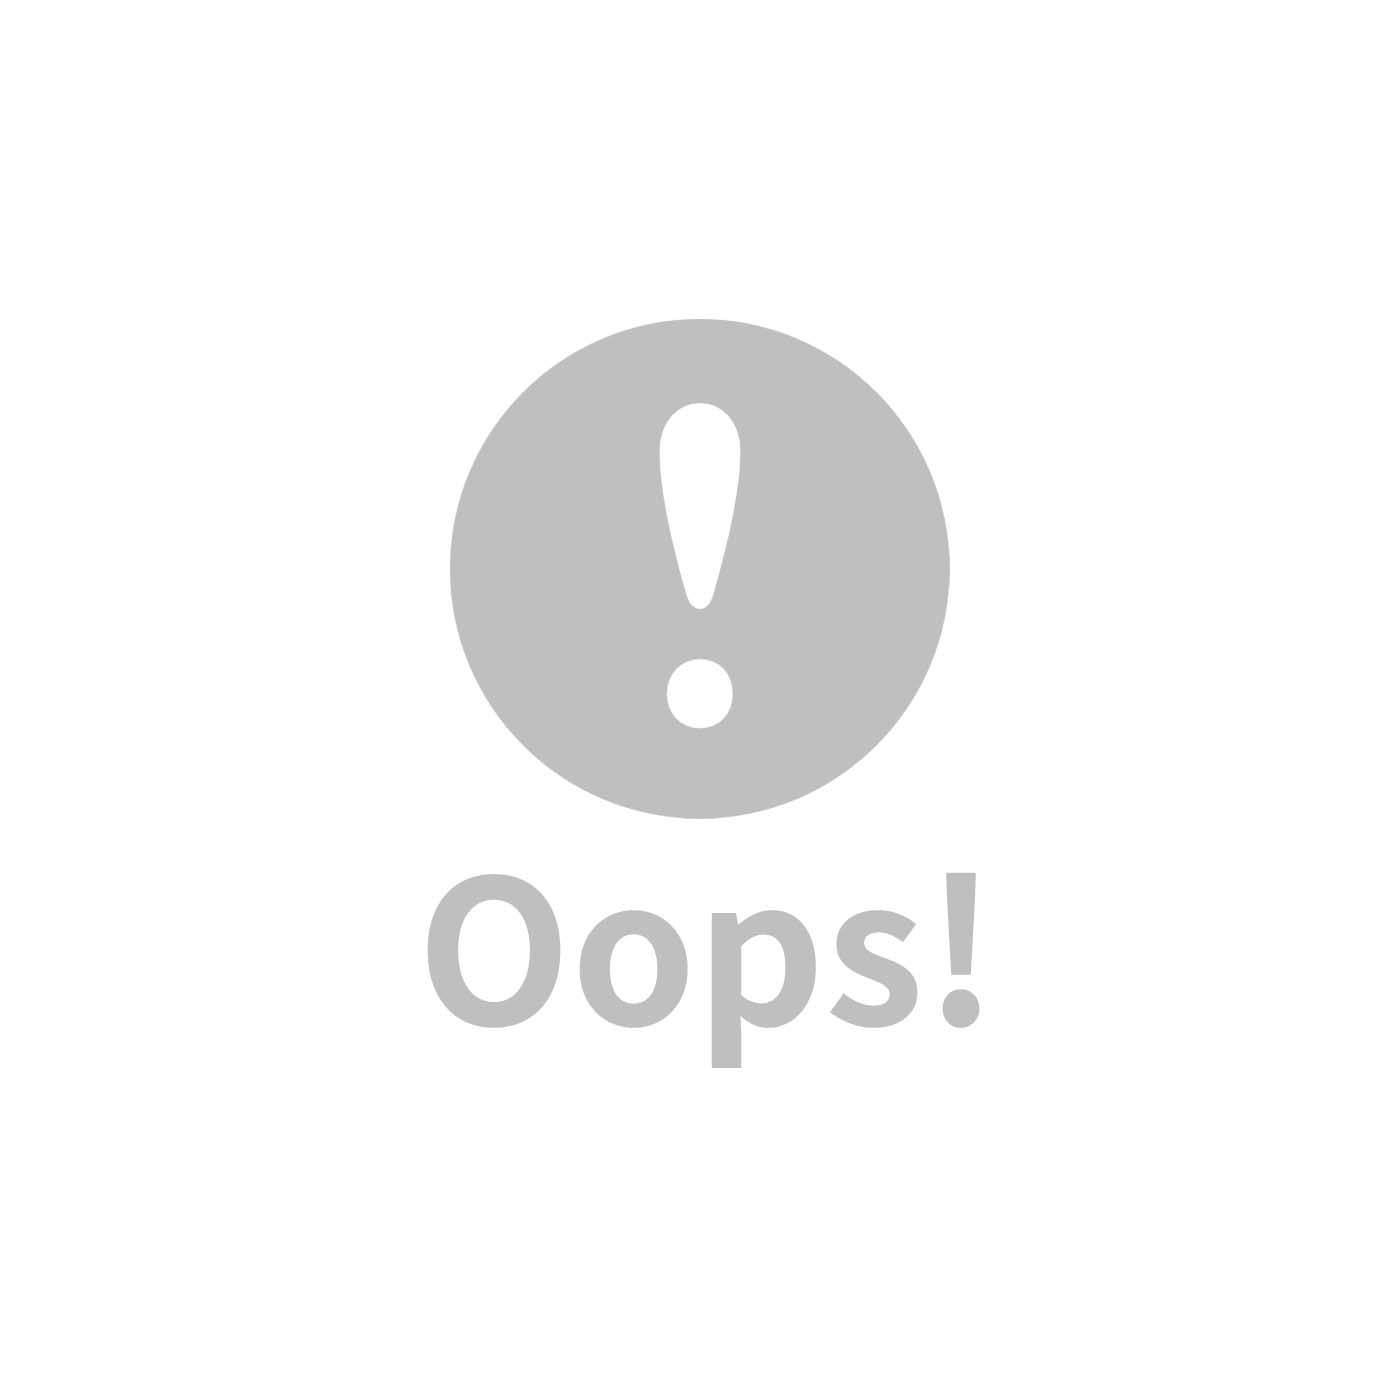 嬰兒玩具,寶寶玩具,兒童玩具,嬰兒枕頭,寶寶枕頭,兒童枕頭